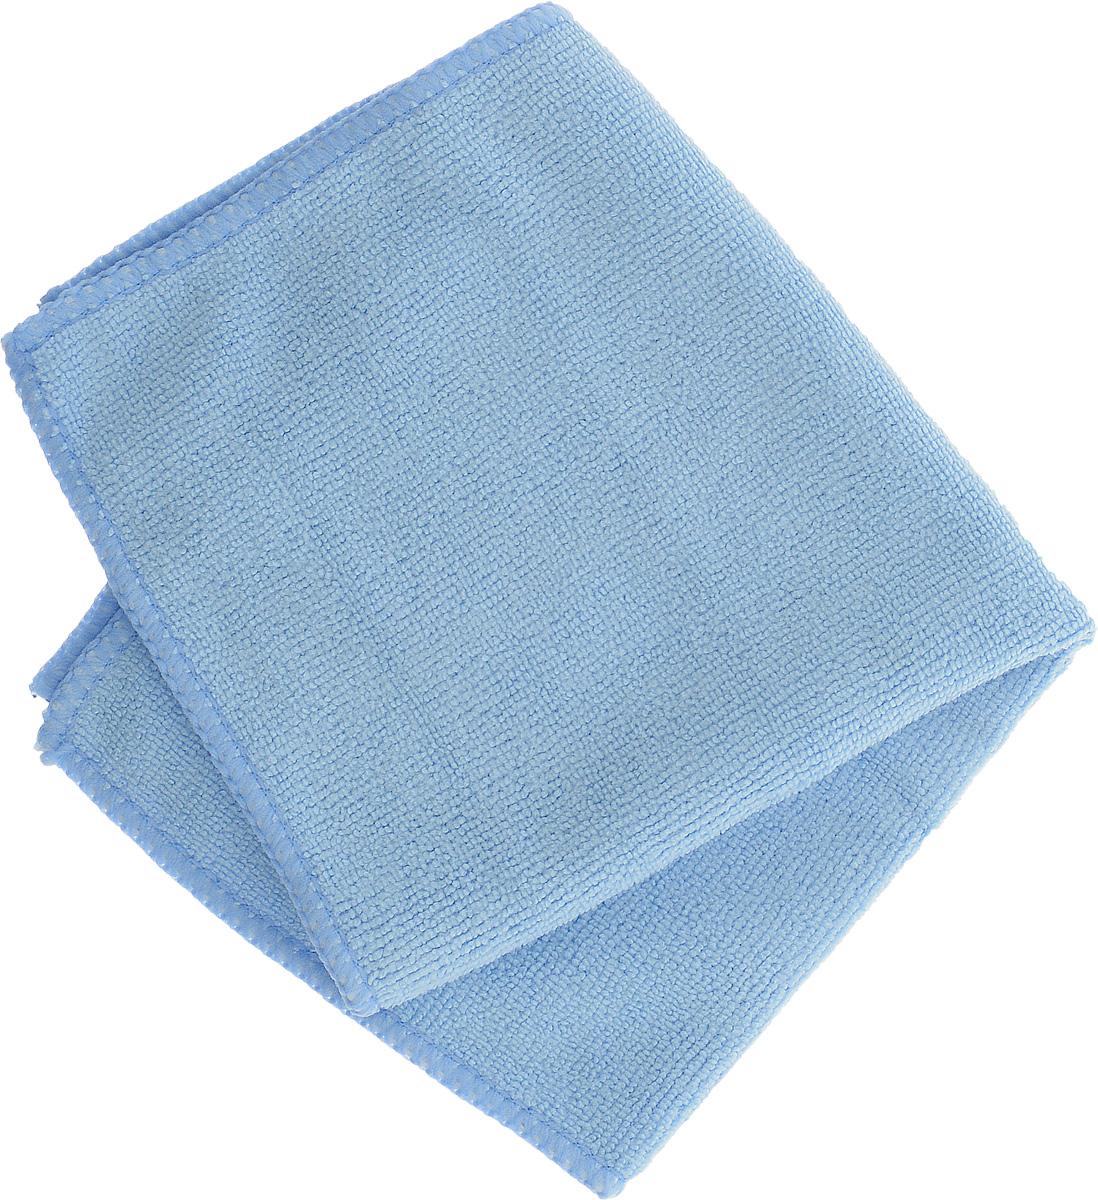 Салфетка для ухода за автомобилем Pingo, цвет: голубой, 32 x 32 см5752_голубойСалфетка для ухода за автомобилем Pingo предназначена для полировки кузова автомобиля, а также лобового стекла, пластика и хрома, обивки сидений. Подходит для влажной и сухой уборки. Может быть использована без химических средств, отлично впитывает воду, пыль и грязь. Состав: 70% полиэстер, 30% полиамид.